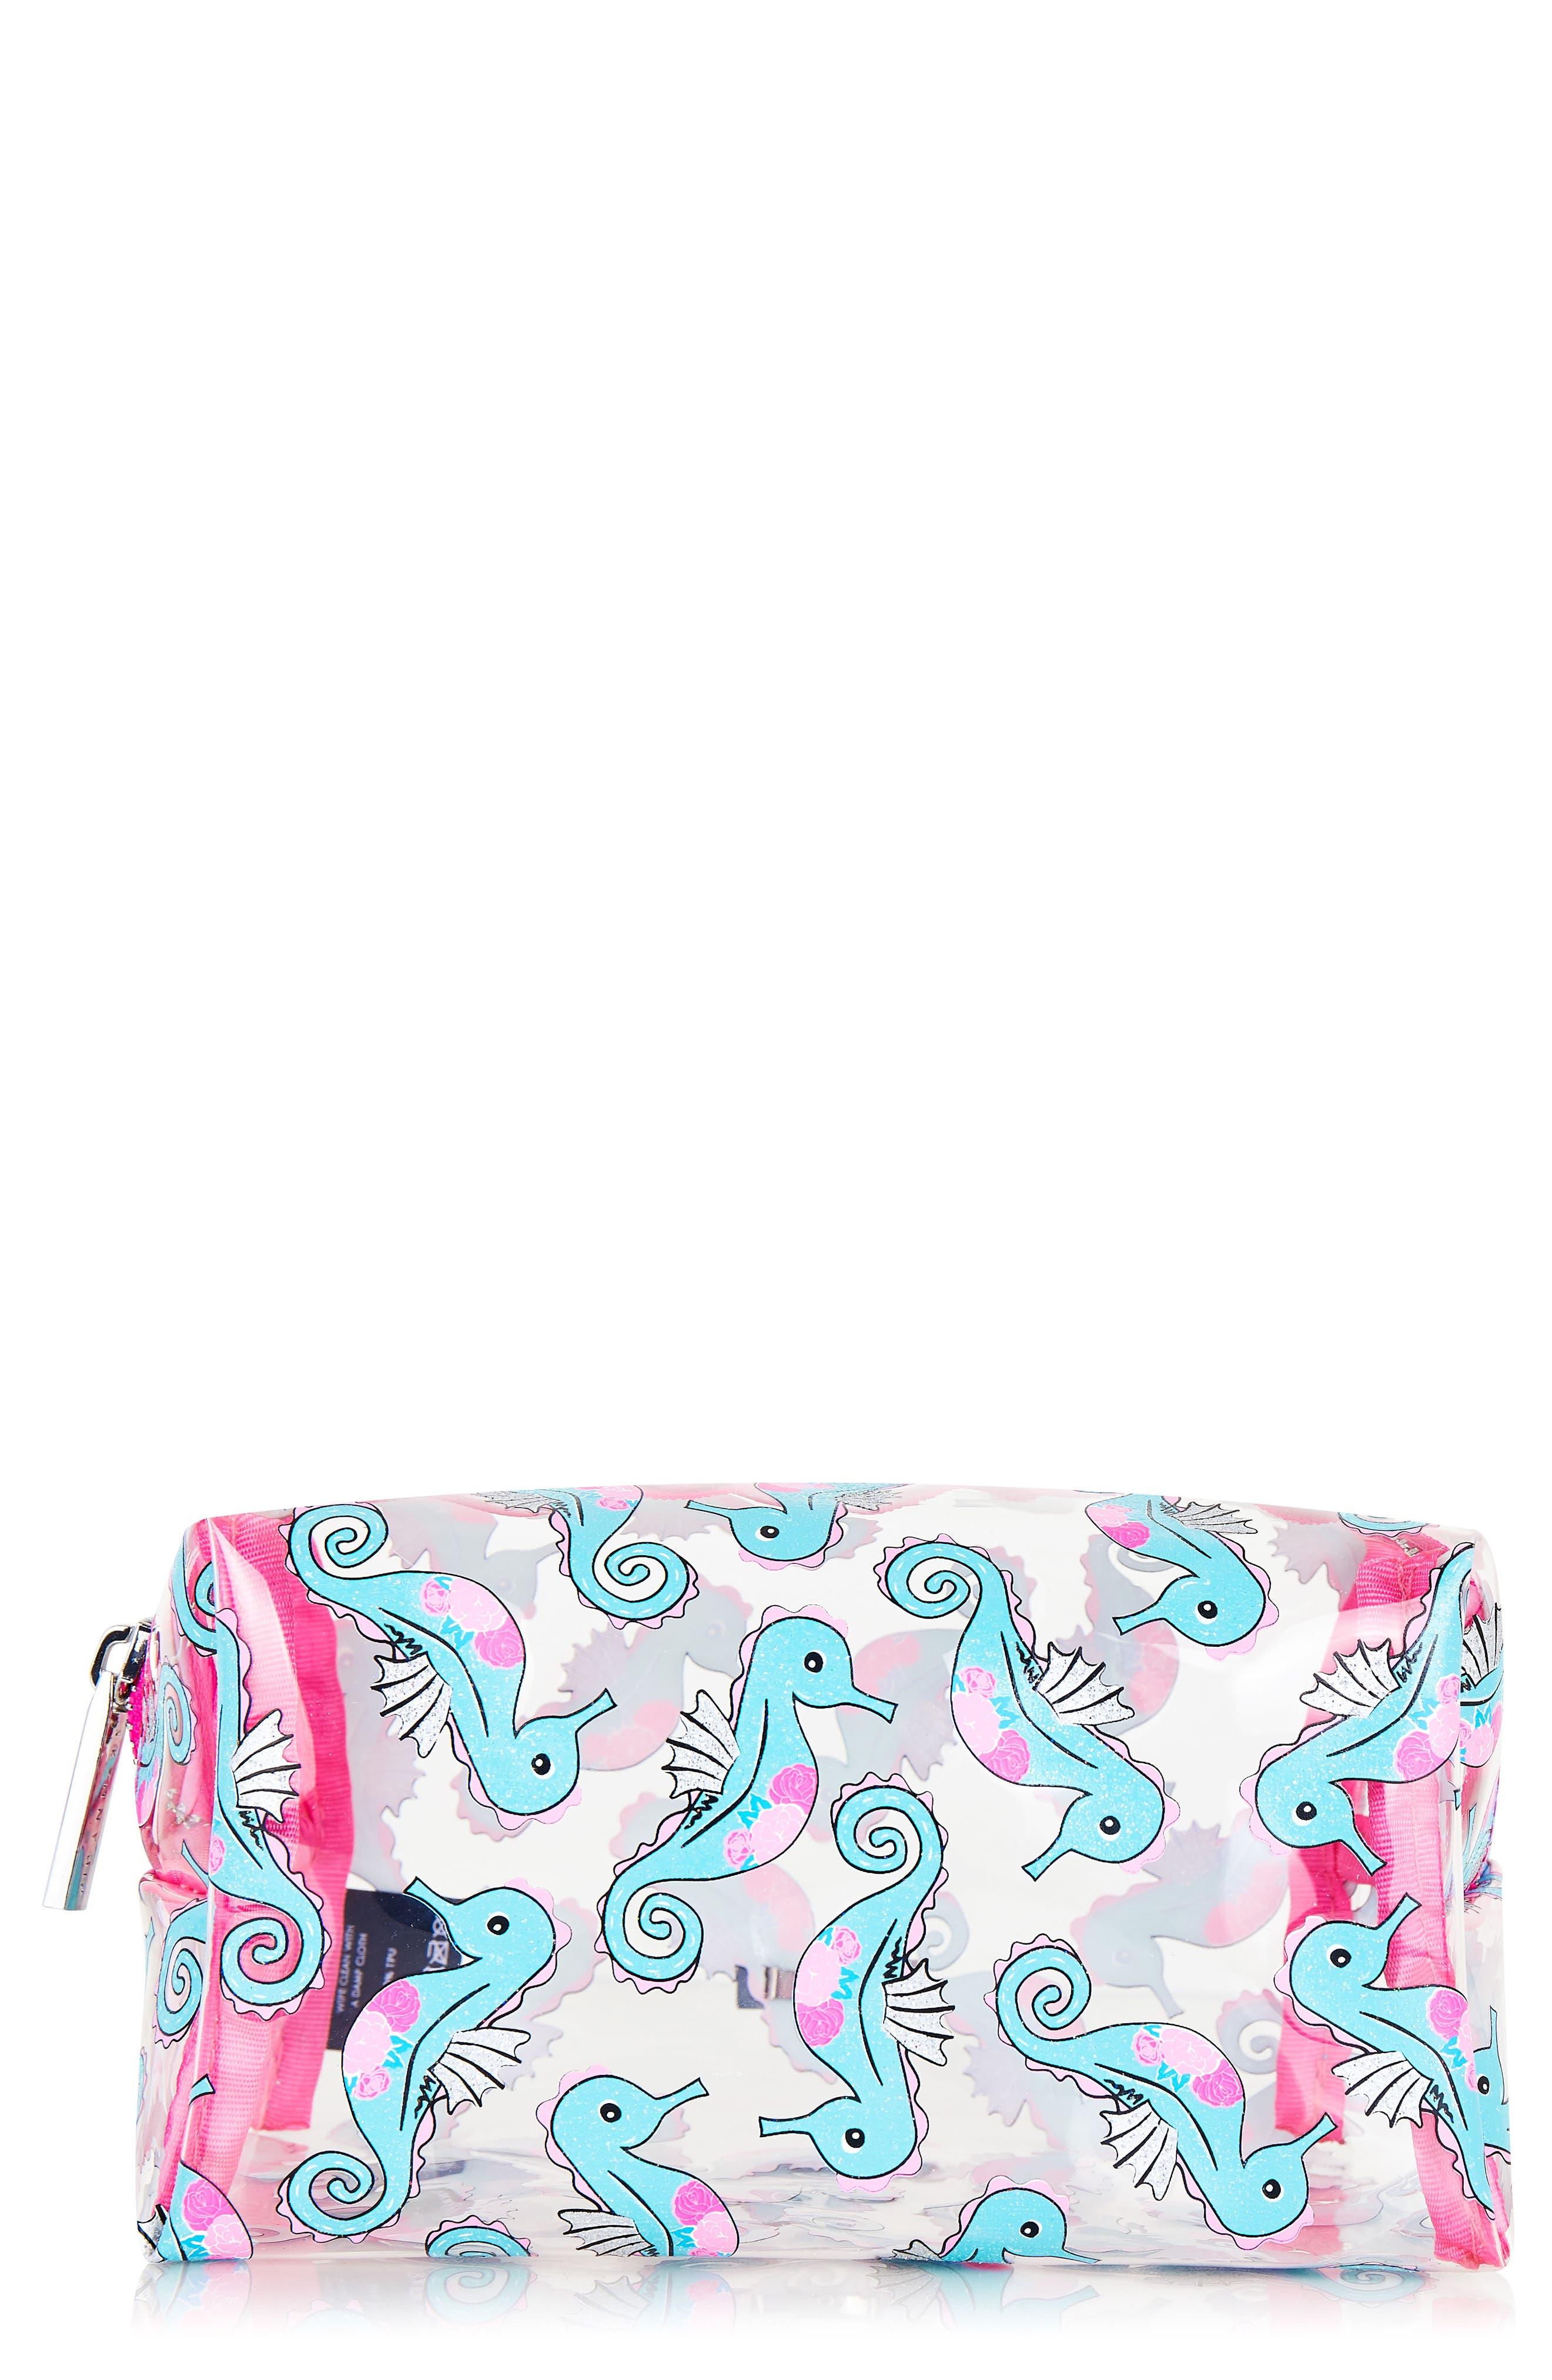 Skinny Dip Reef Makeup Bag,                             Main thumbnail 1, color,                             000